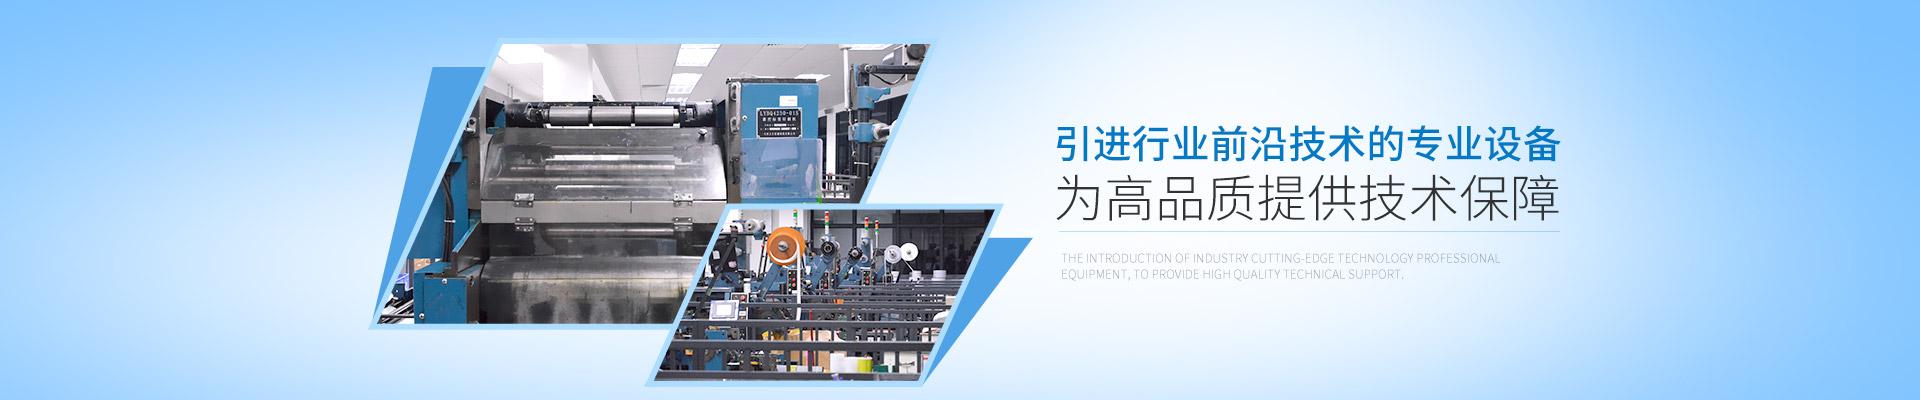 国塑引进行业前沿技术的专业设备为高品质提供技术保障